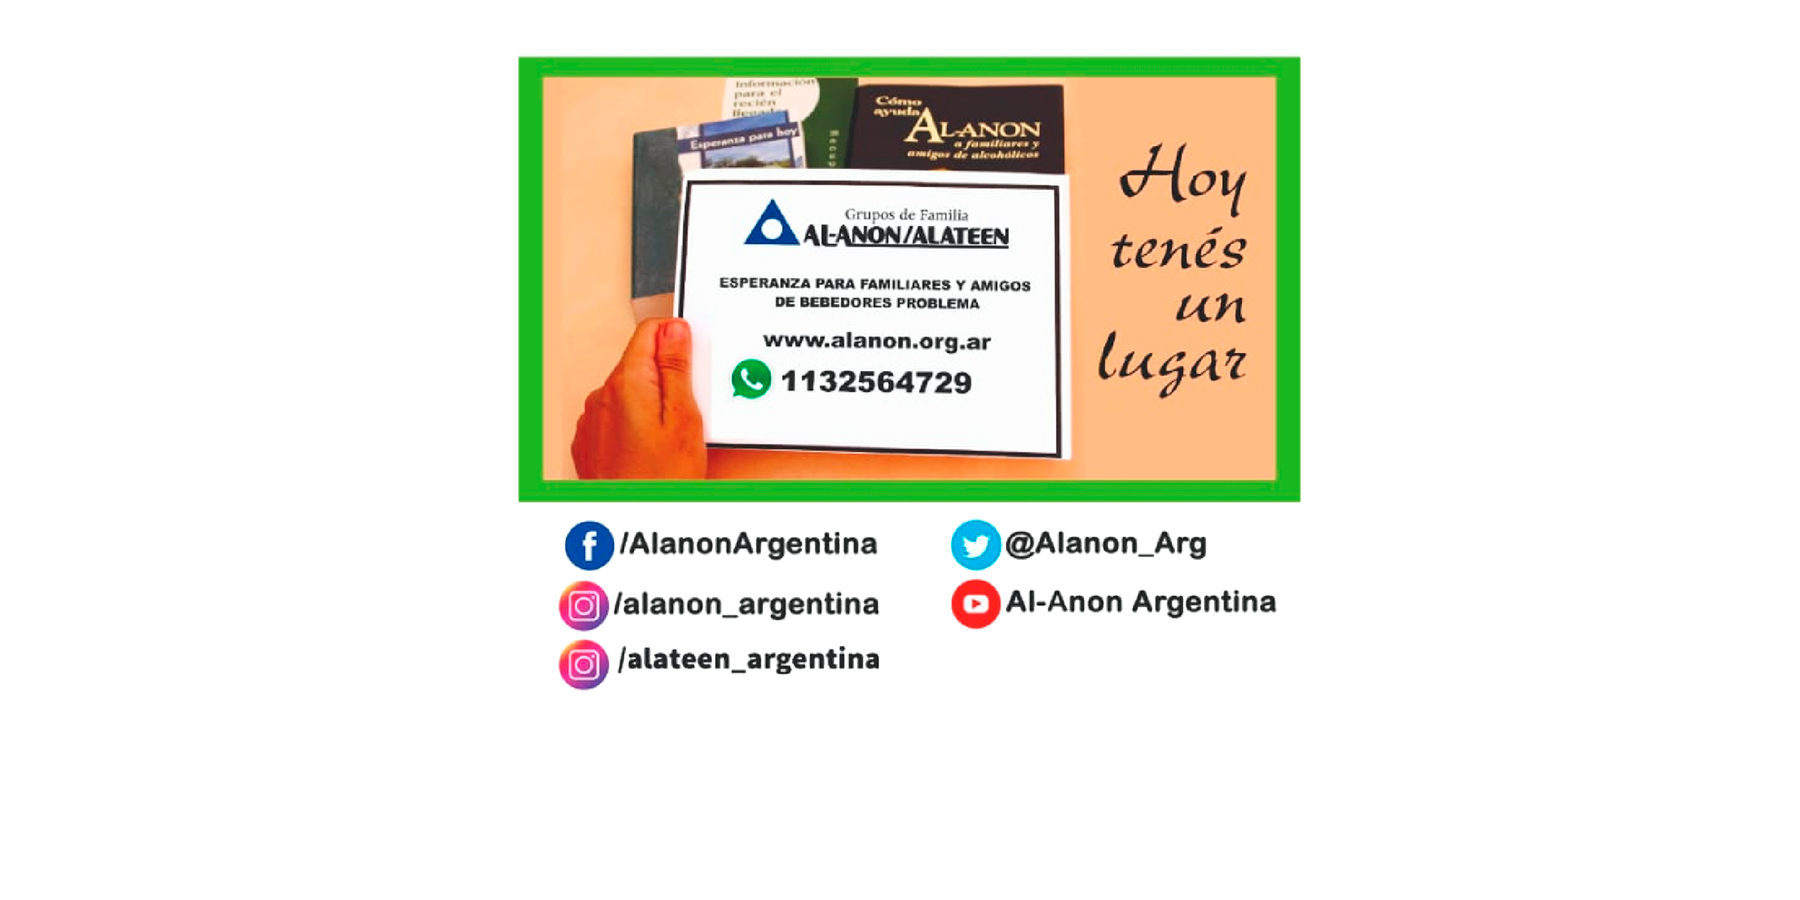 Comité de Difusión - OSG Al-Anon Argentina